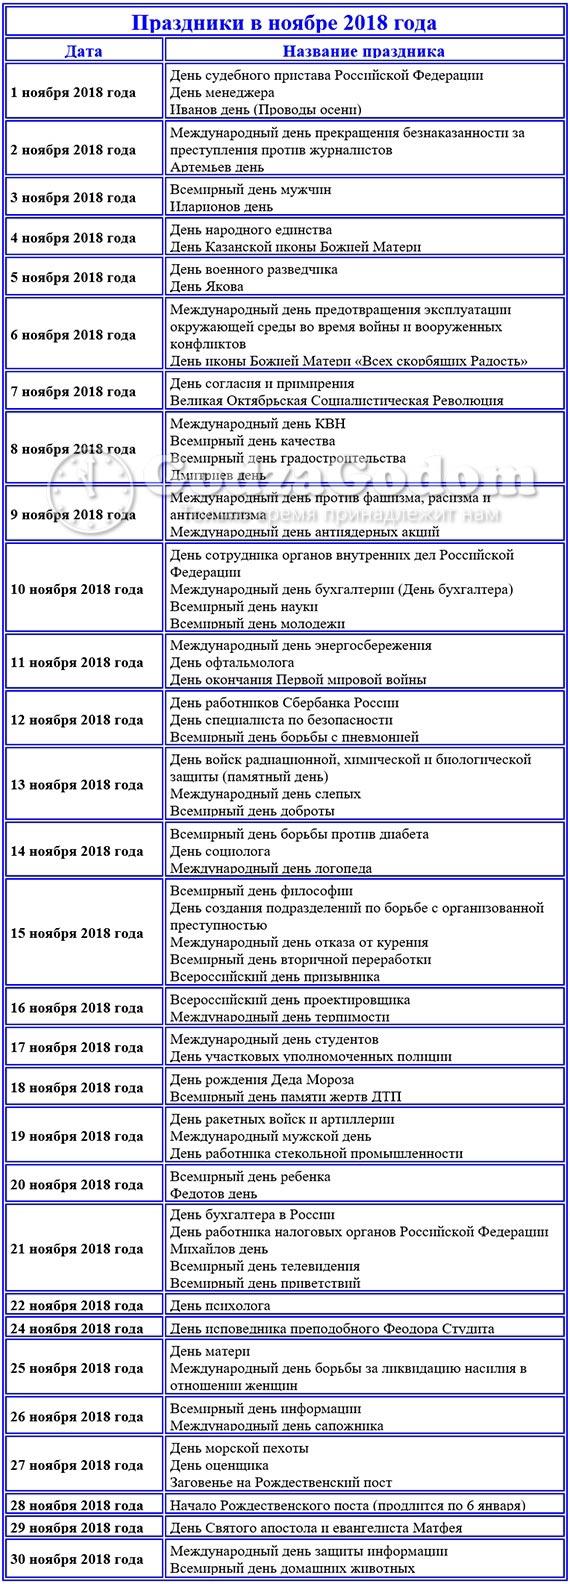 ❶Праздники 23 ноября 2018 в россии|Поделки ко дню защитника отечества для школьников|МАОУ Лицей №3 гор. Чебоксары - Россия - спортивная держава!|Запрещение движения транспорта в праздничные дни|}